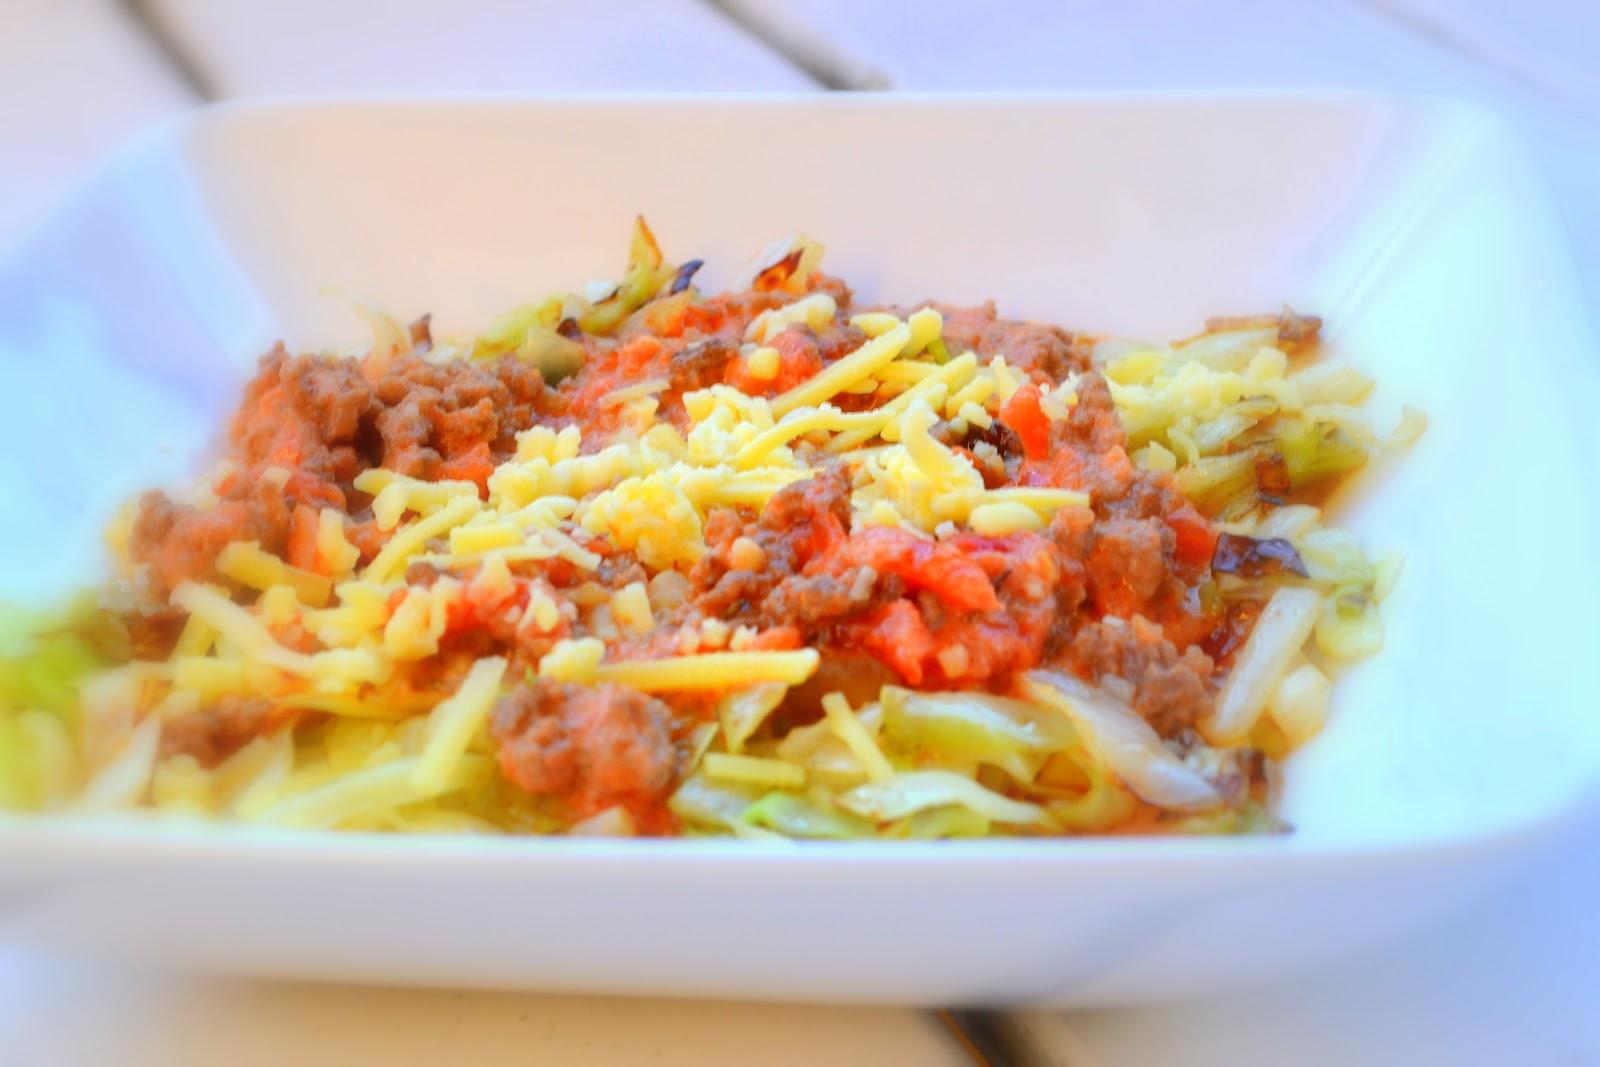 istället för pasta till köttfärssås